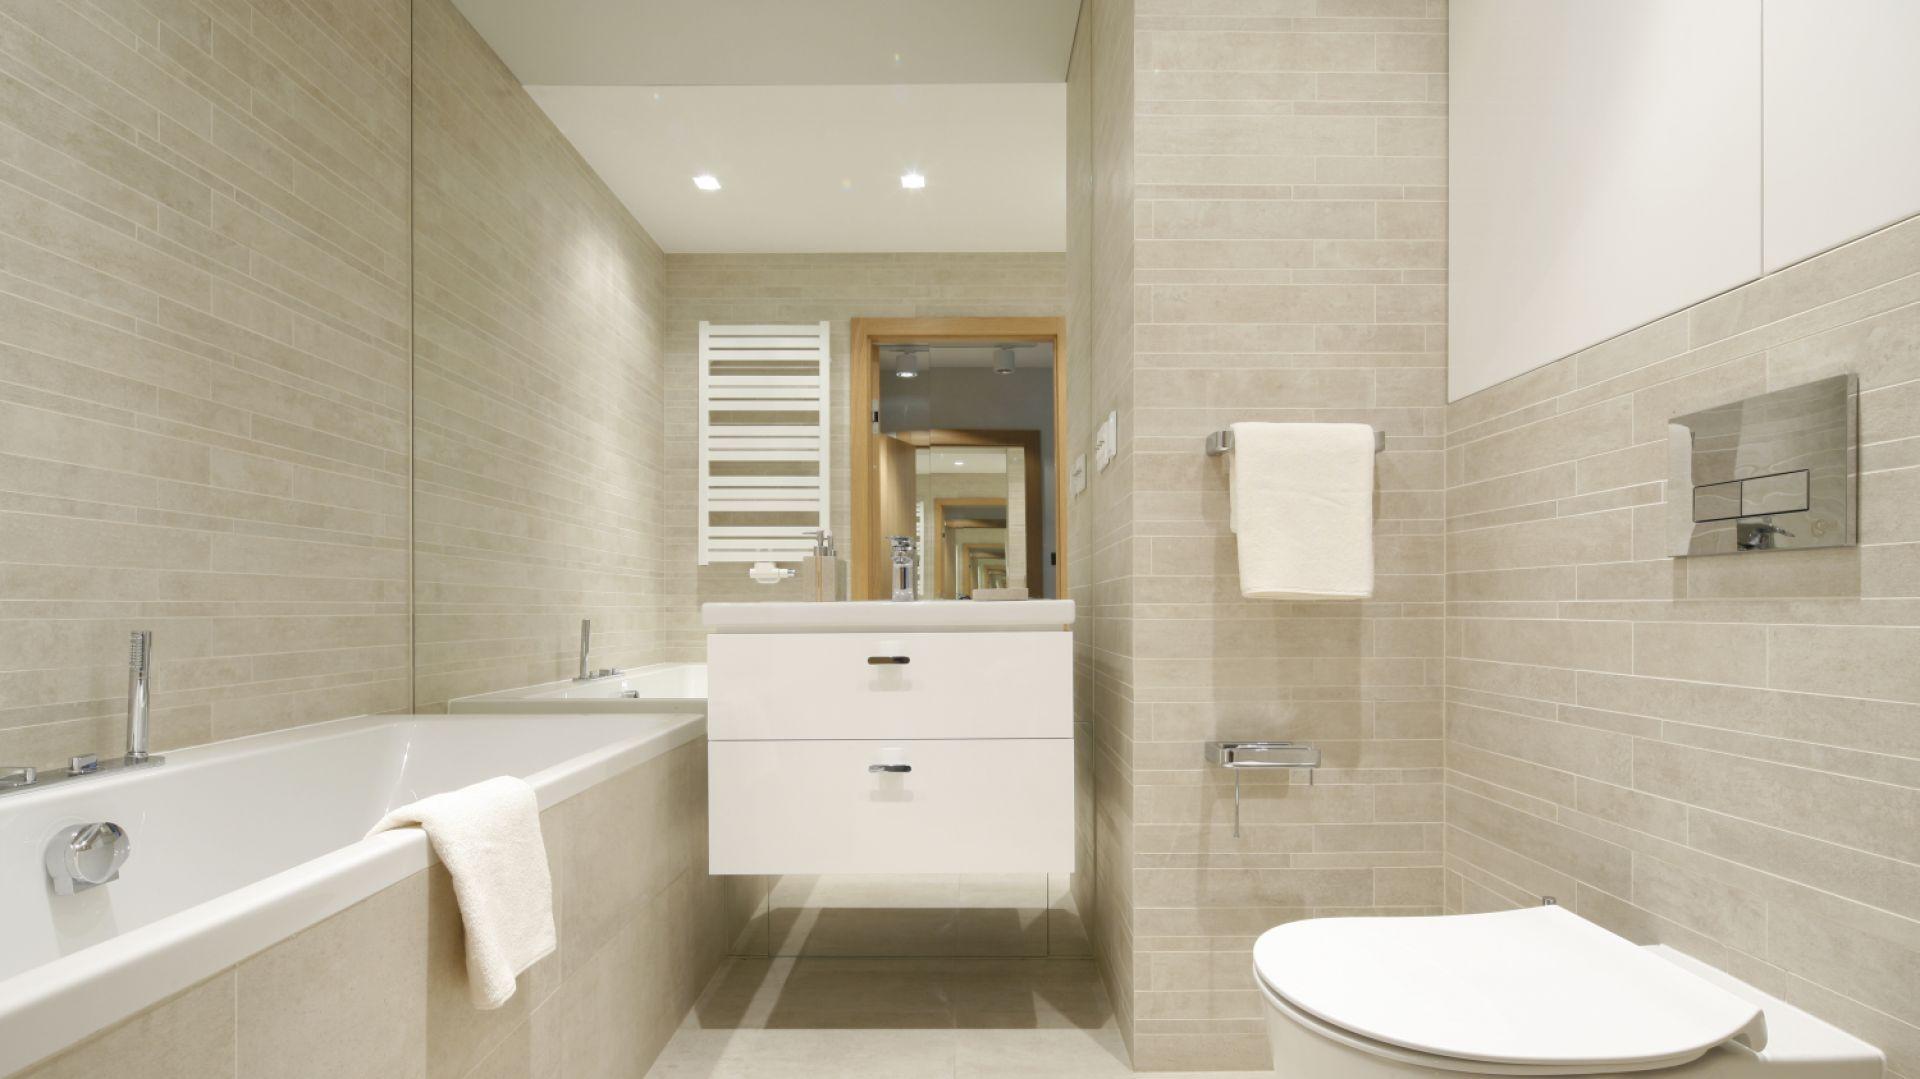 Jasna kolorystka doskonale sprawdziła się w tej niewielkiej i dość wąskiej łazience. Odpowiednie zaplanowanie wszystkich elementów pozwoliło na umieszczenie w niej również wanny. Projekt: Katarzyna Uszok. Fot. Bartosz Jarosz